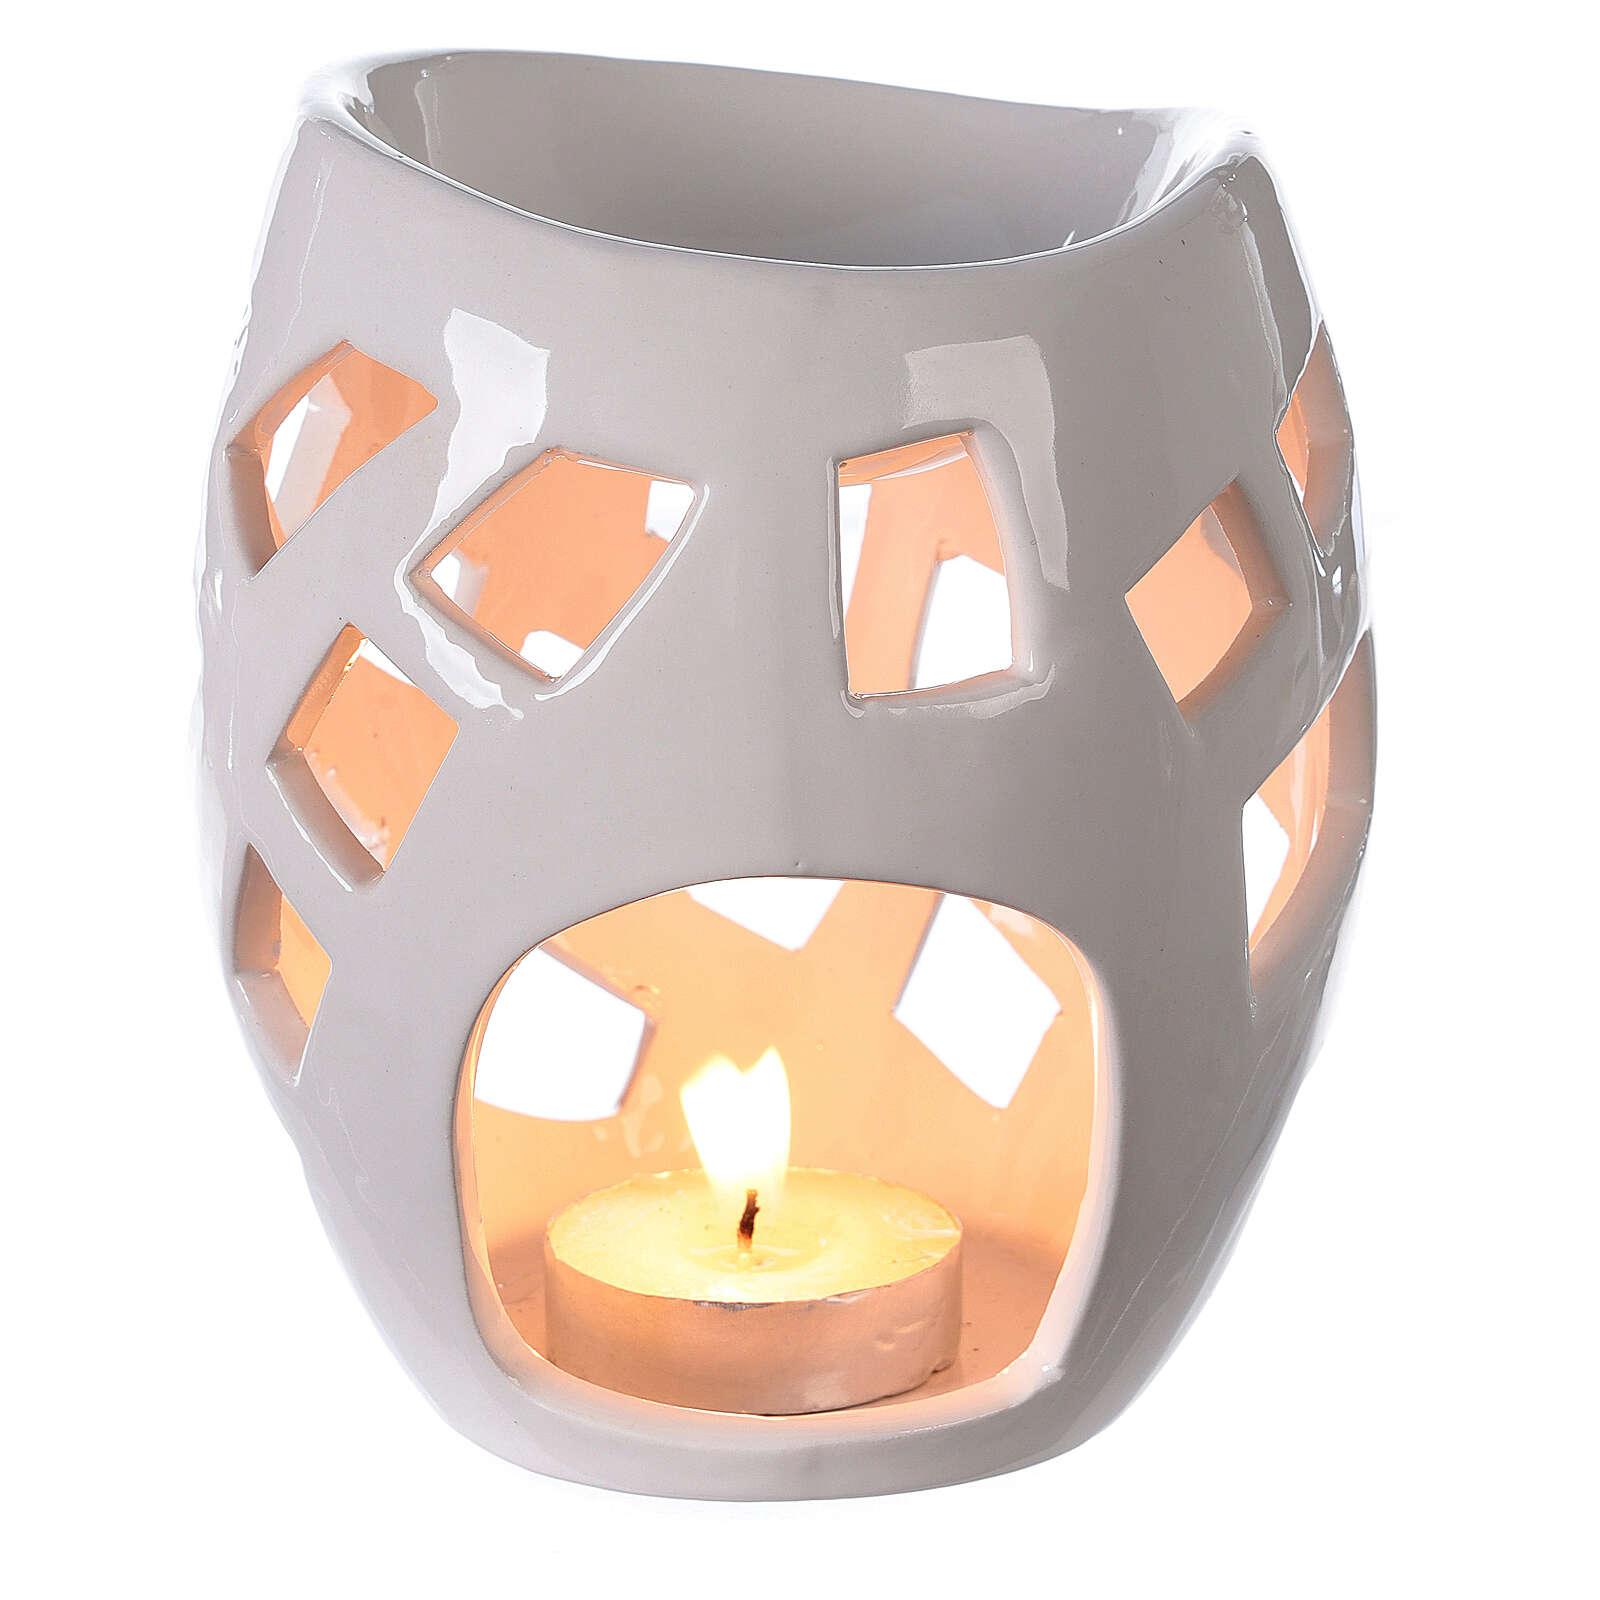 Brûle-parfum céramique ajourée blanche 9x12 cm 3